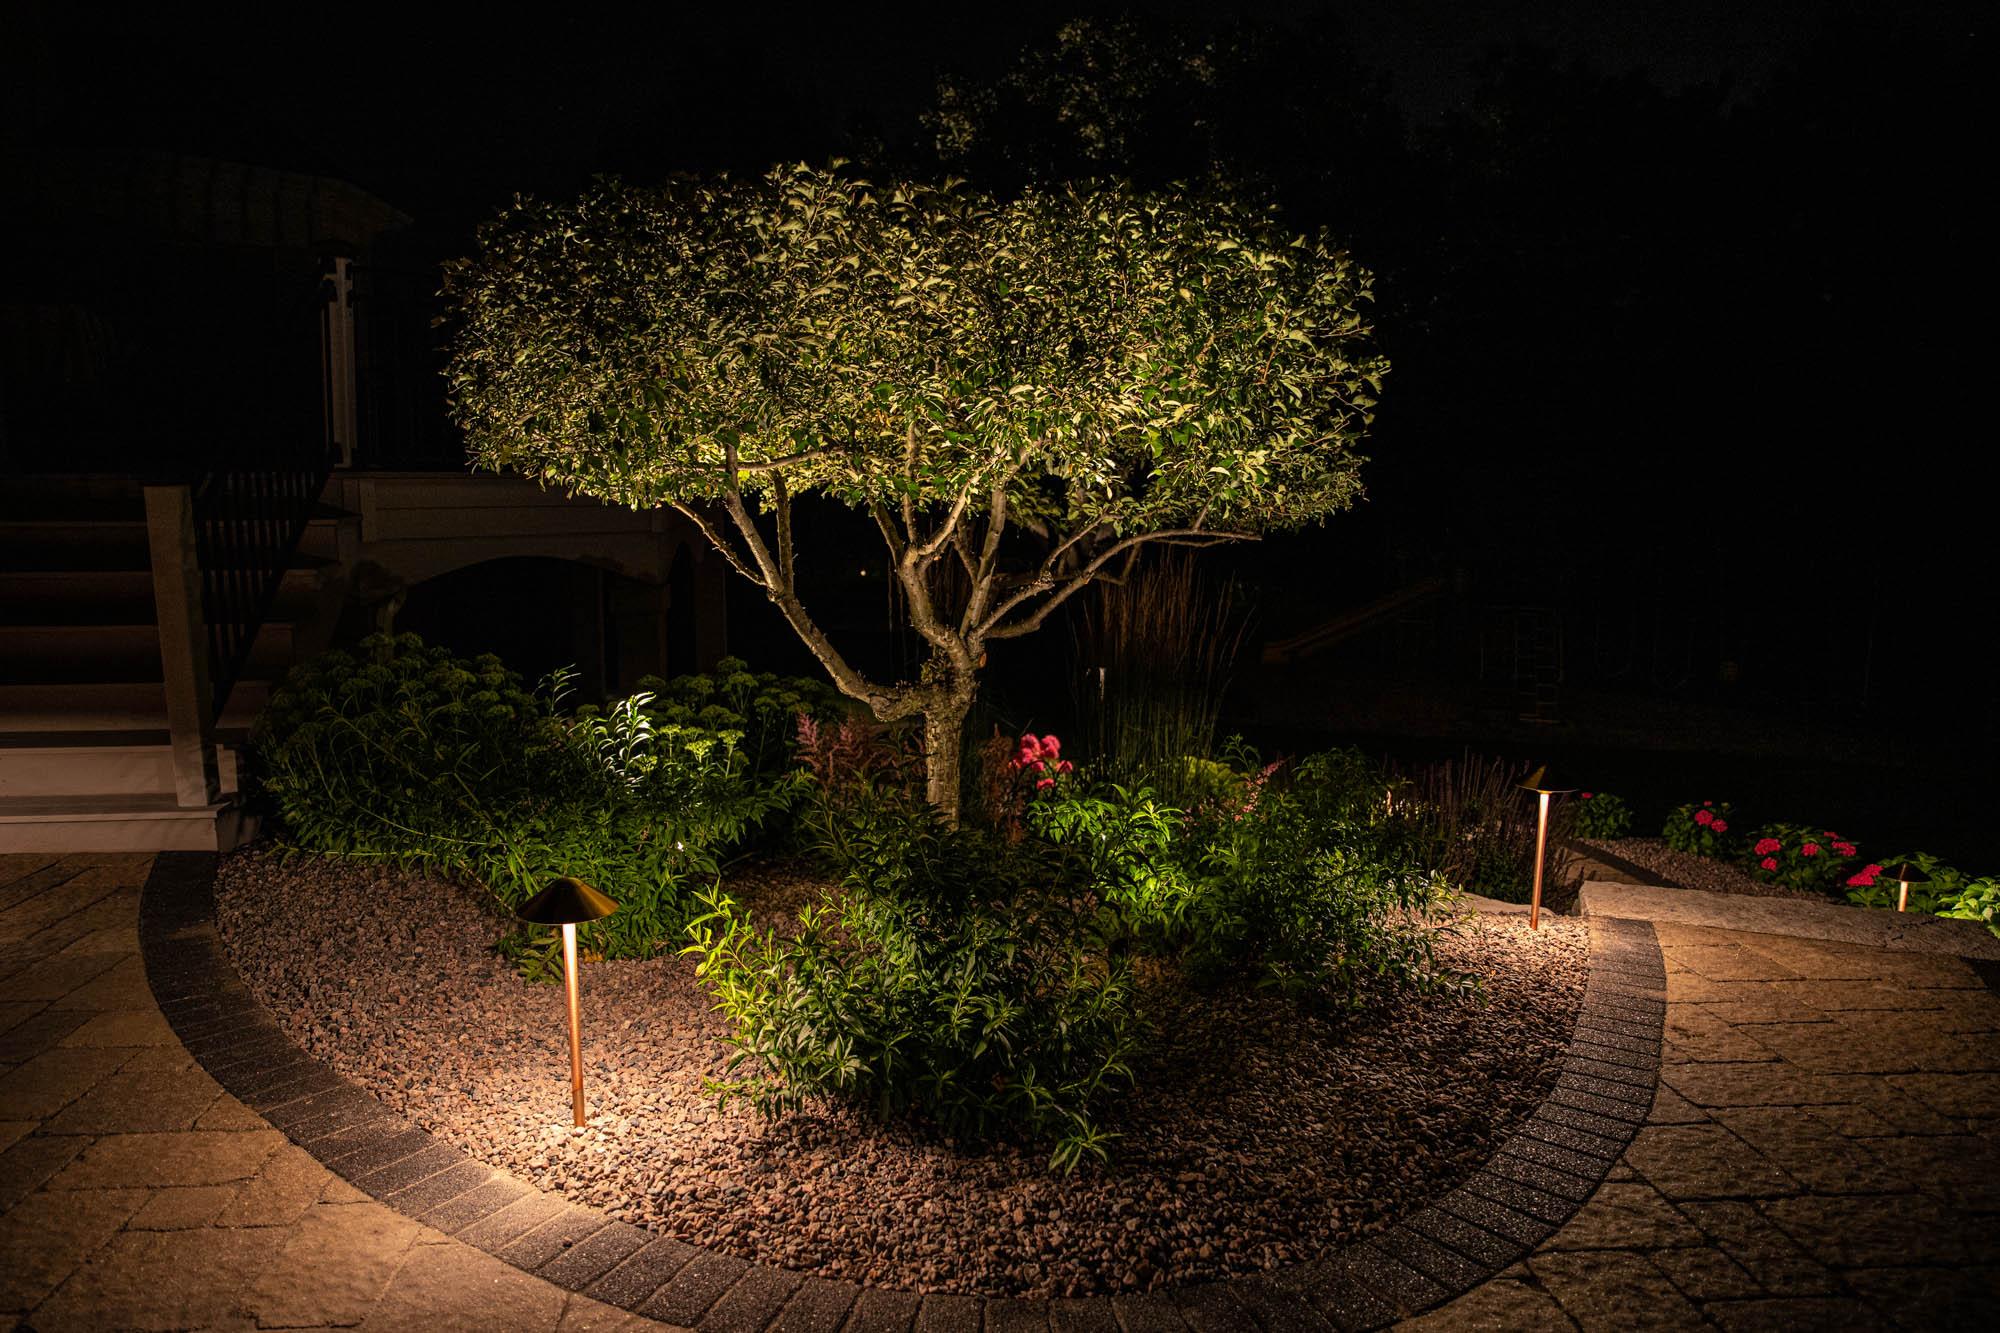 mukwonago landscape outdoor lighting night owl landscape design focal specimen tree lights